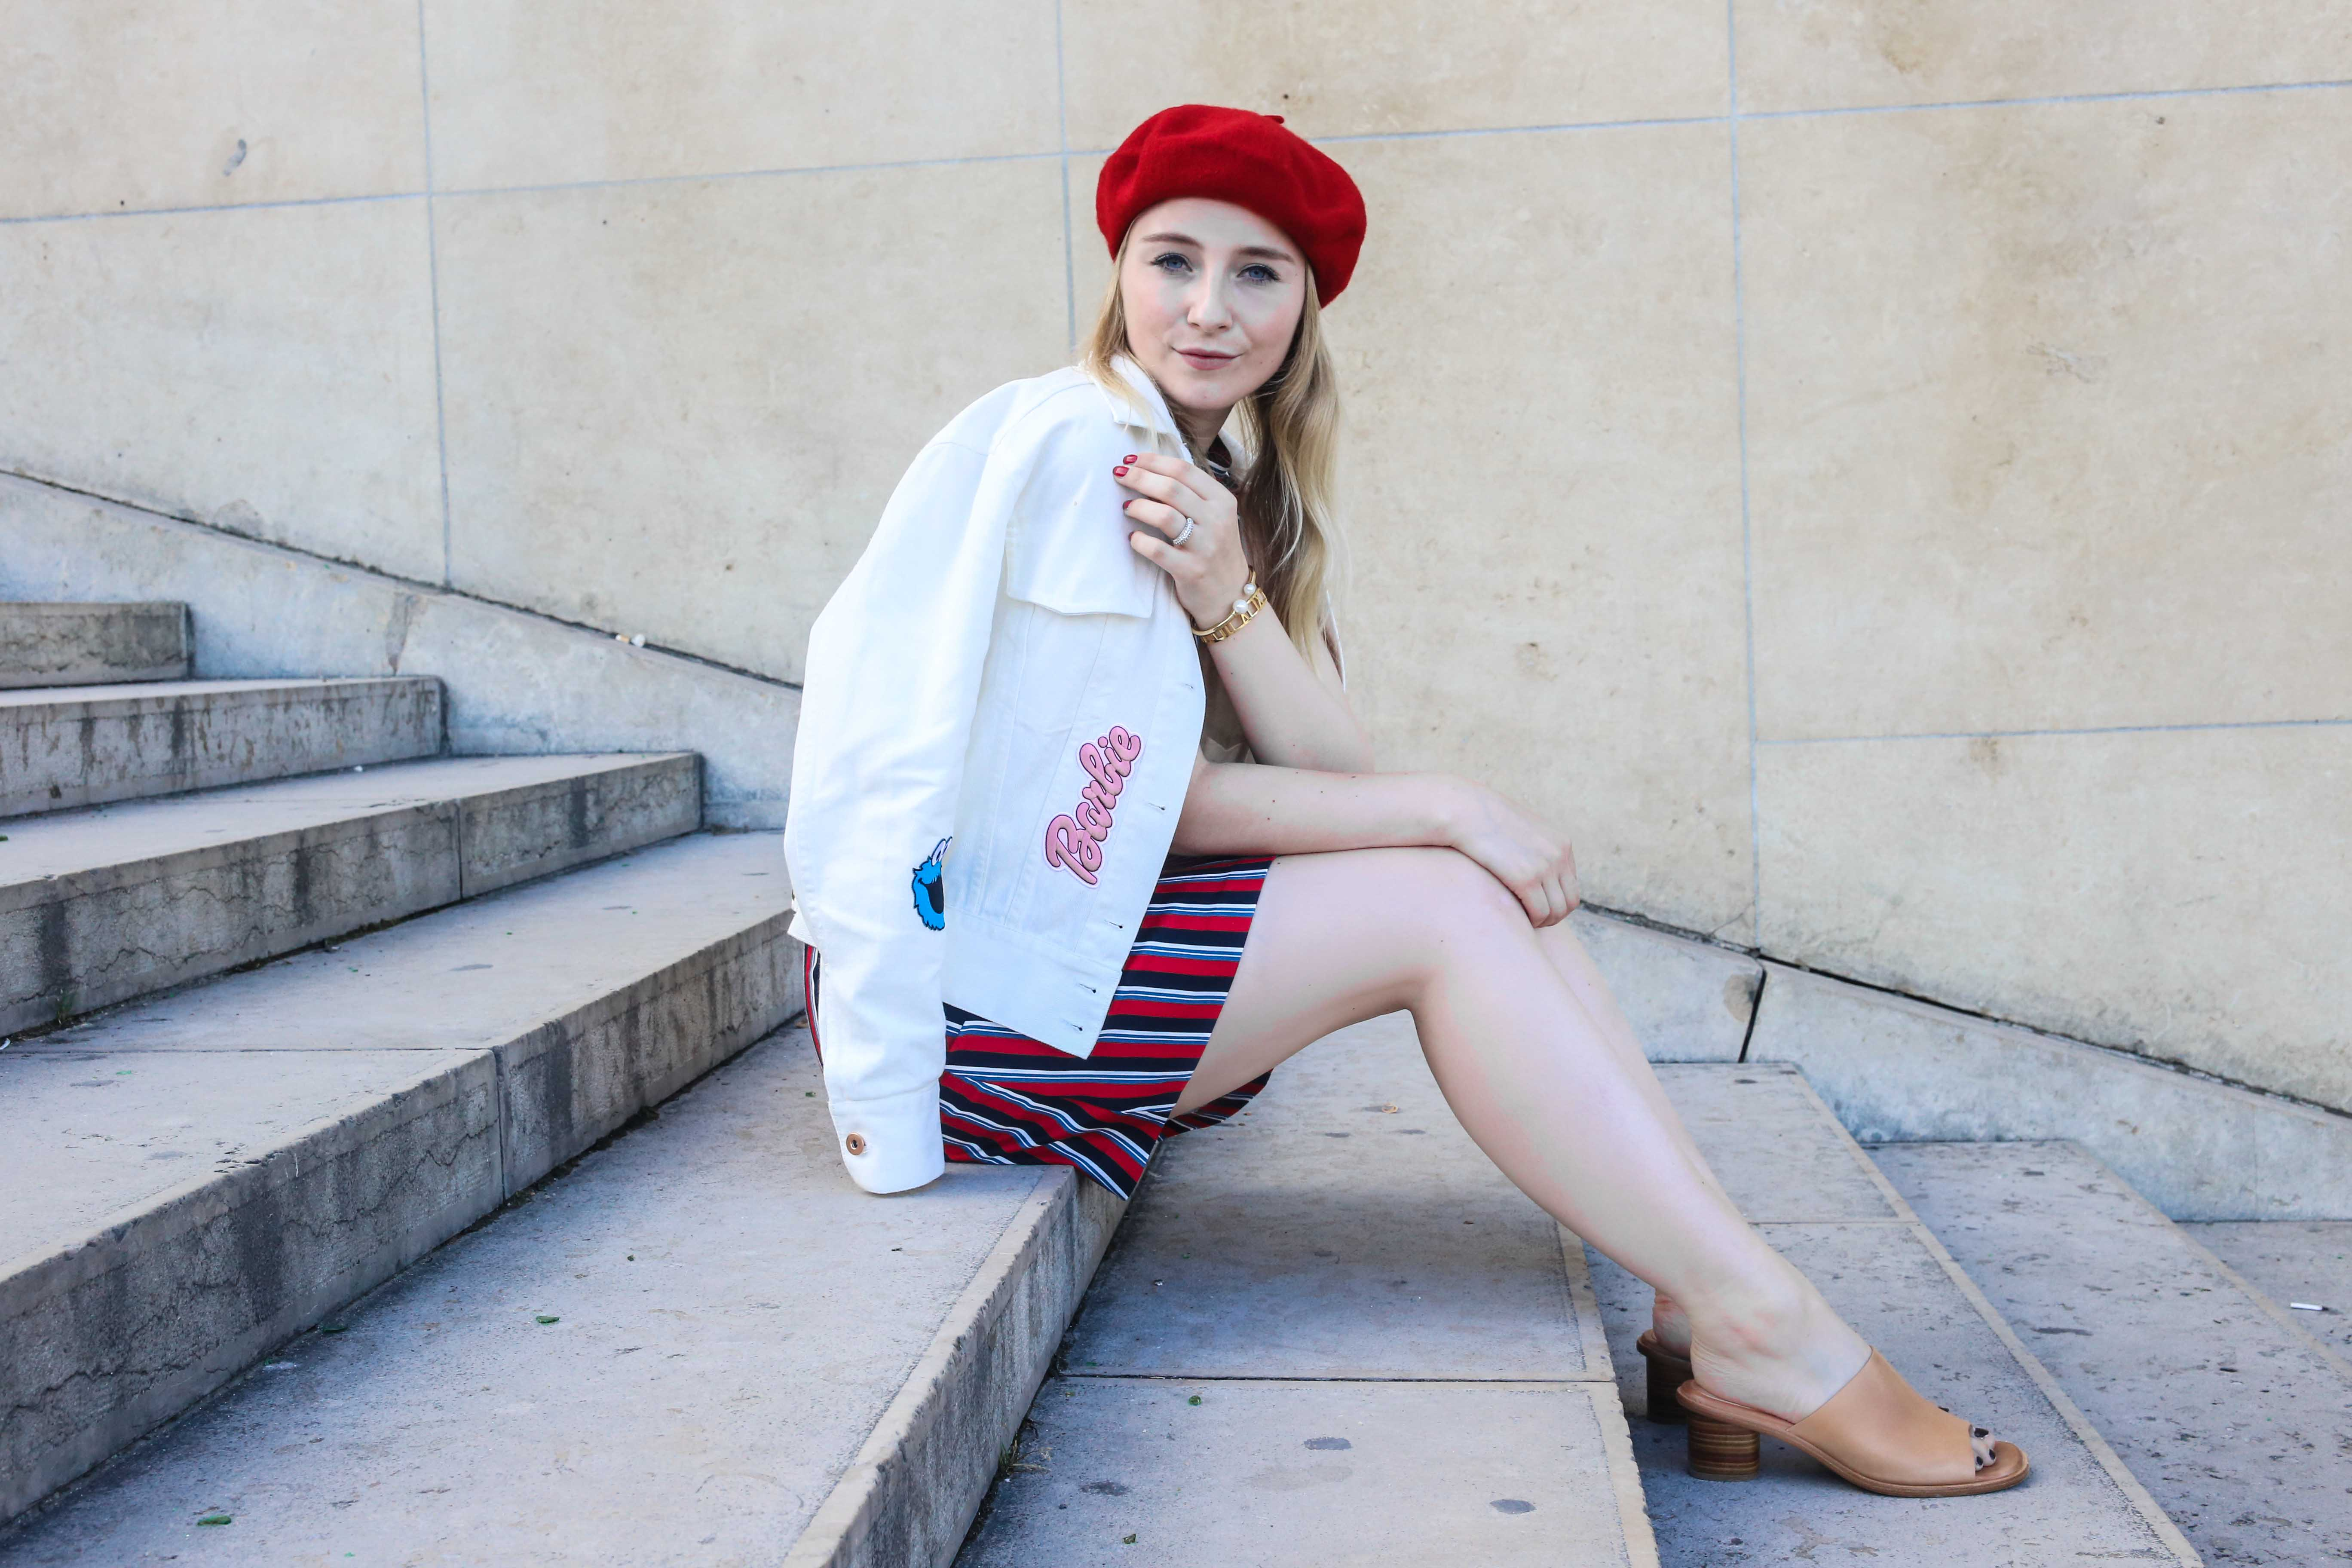 parisienne-chic-baskenmütze-mules-paris-outfit-modeblog-fashionblog-mode-blog_0955